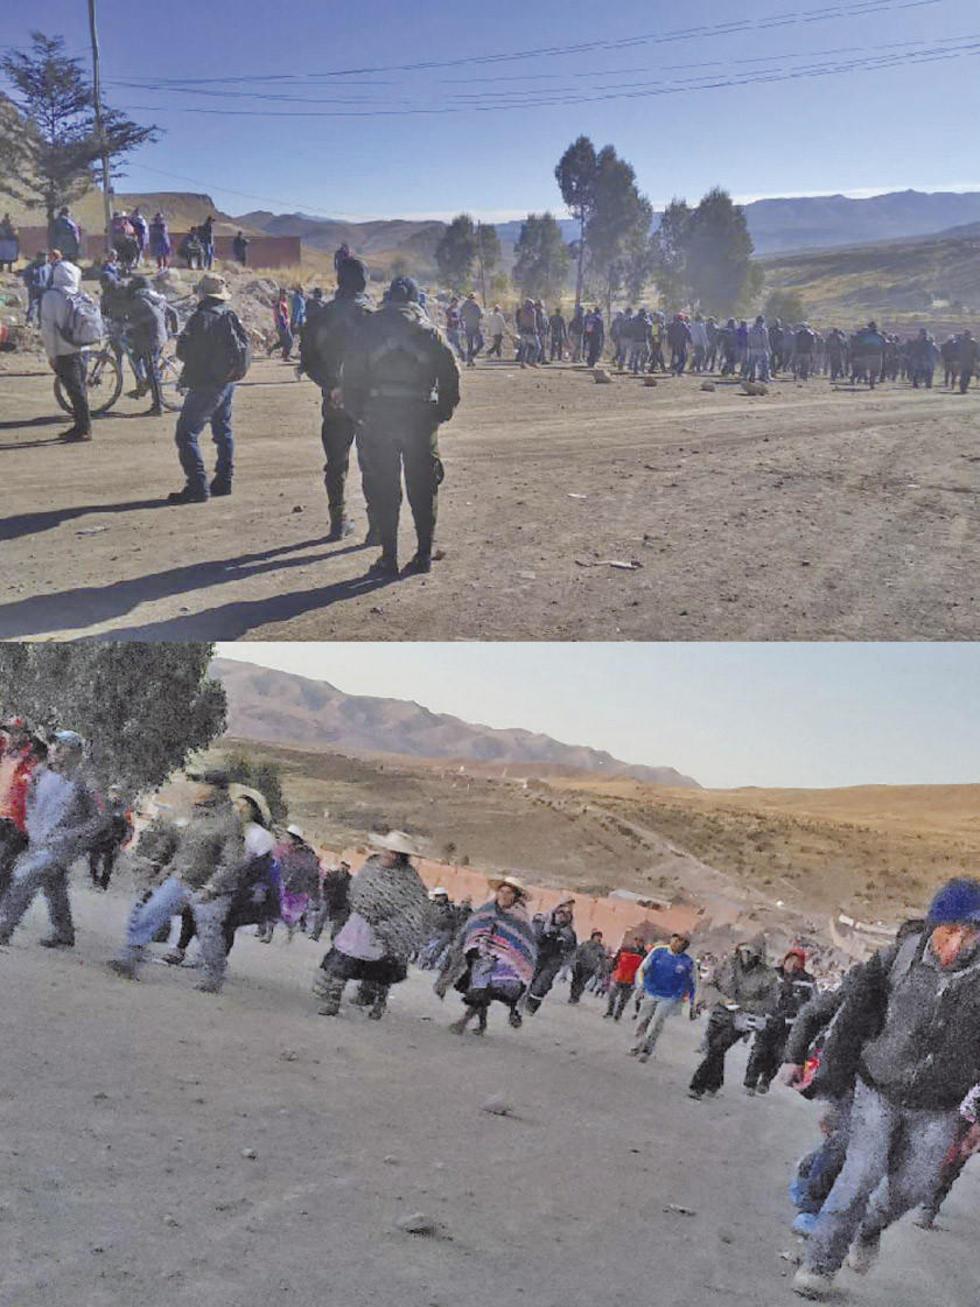 Más de 200 personas están en el lugar de conflicto.